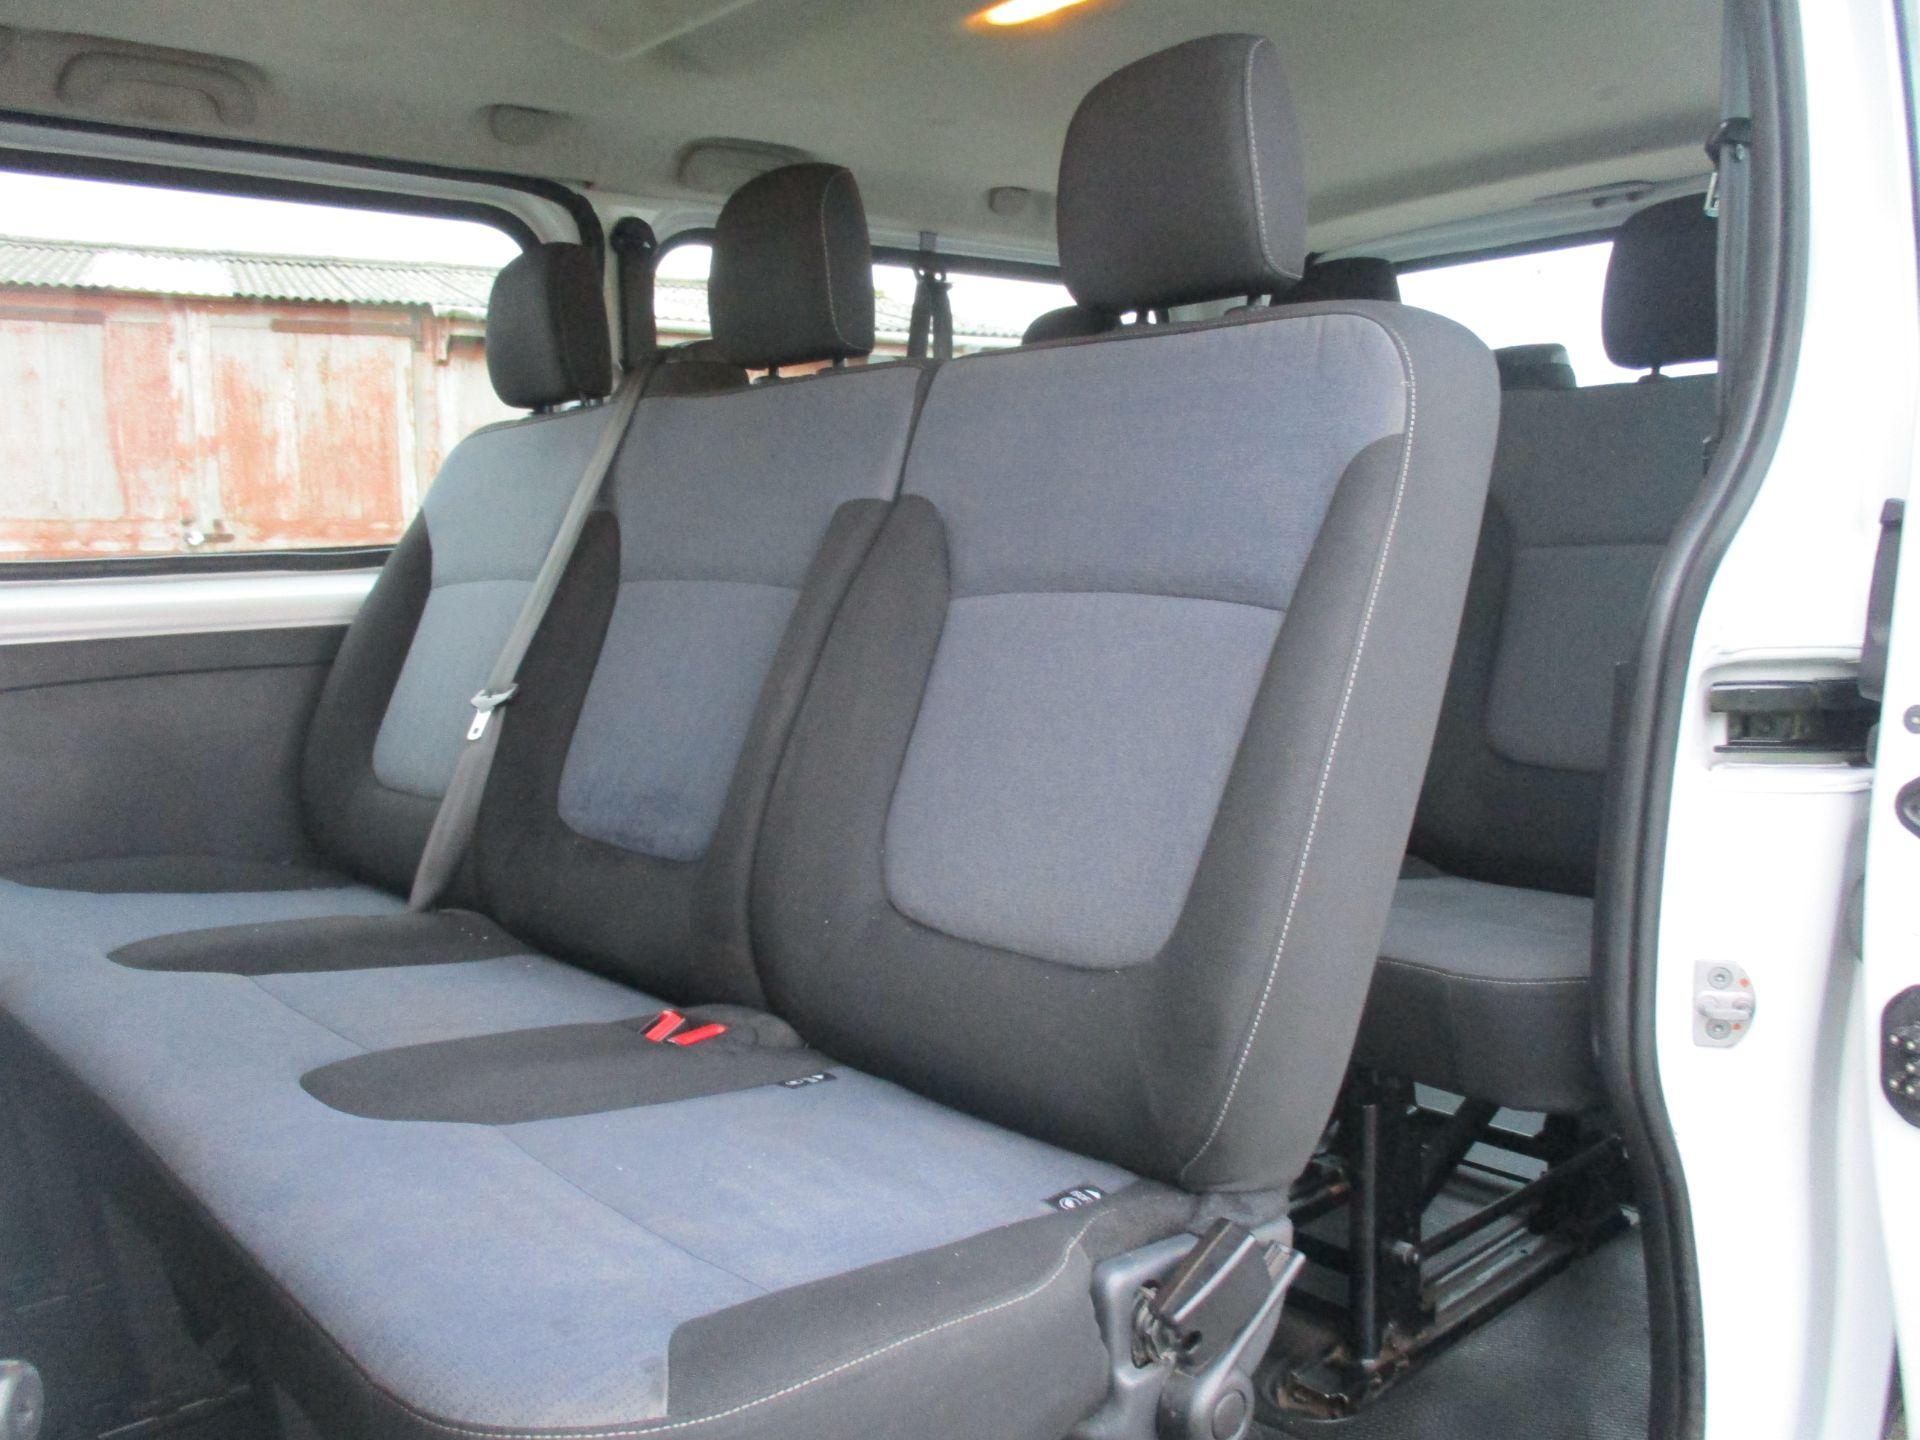 2017 Vauxhall Vivaro L2 H1 2900 1.6 CDTI 125PS BI TURBO 9 SEATER COMBI EURO 6. VAT INC (DY17UJE) Image 9